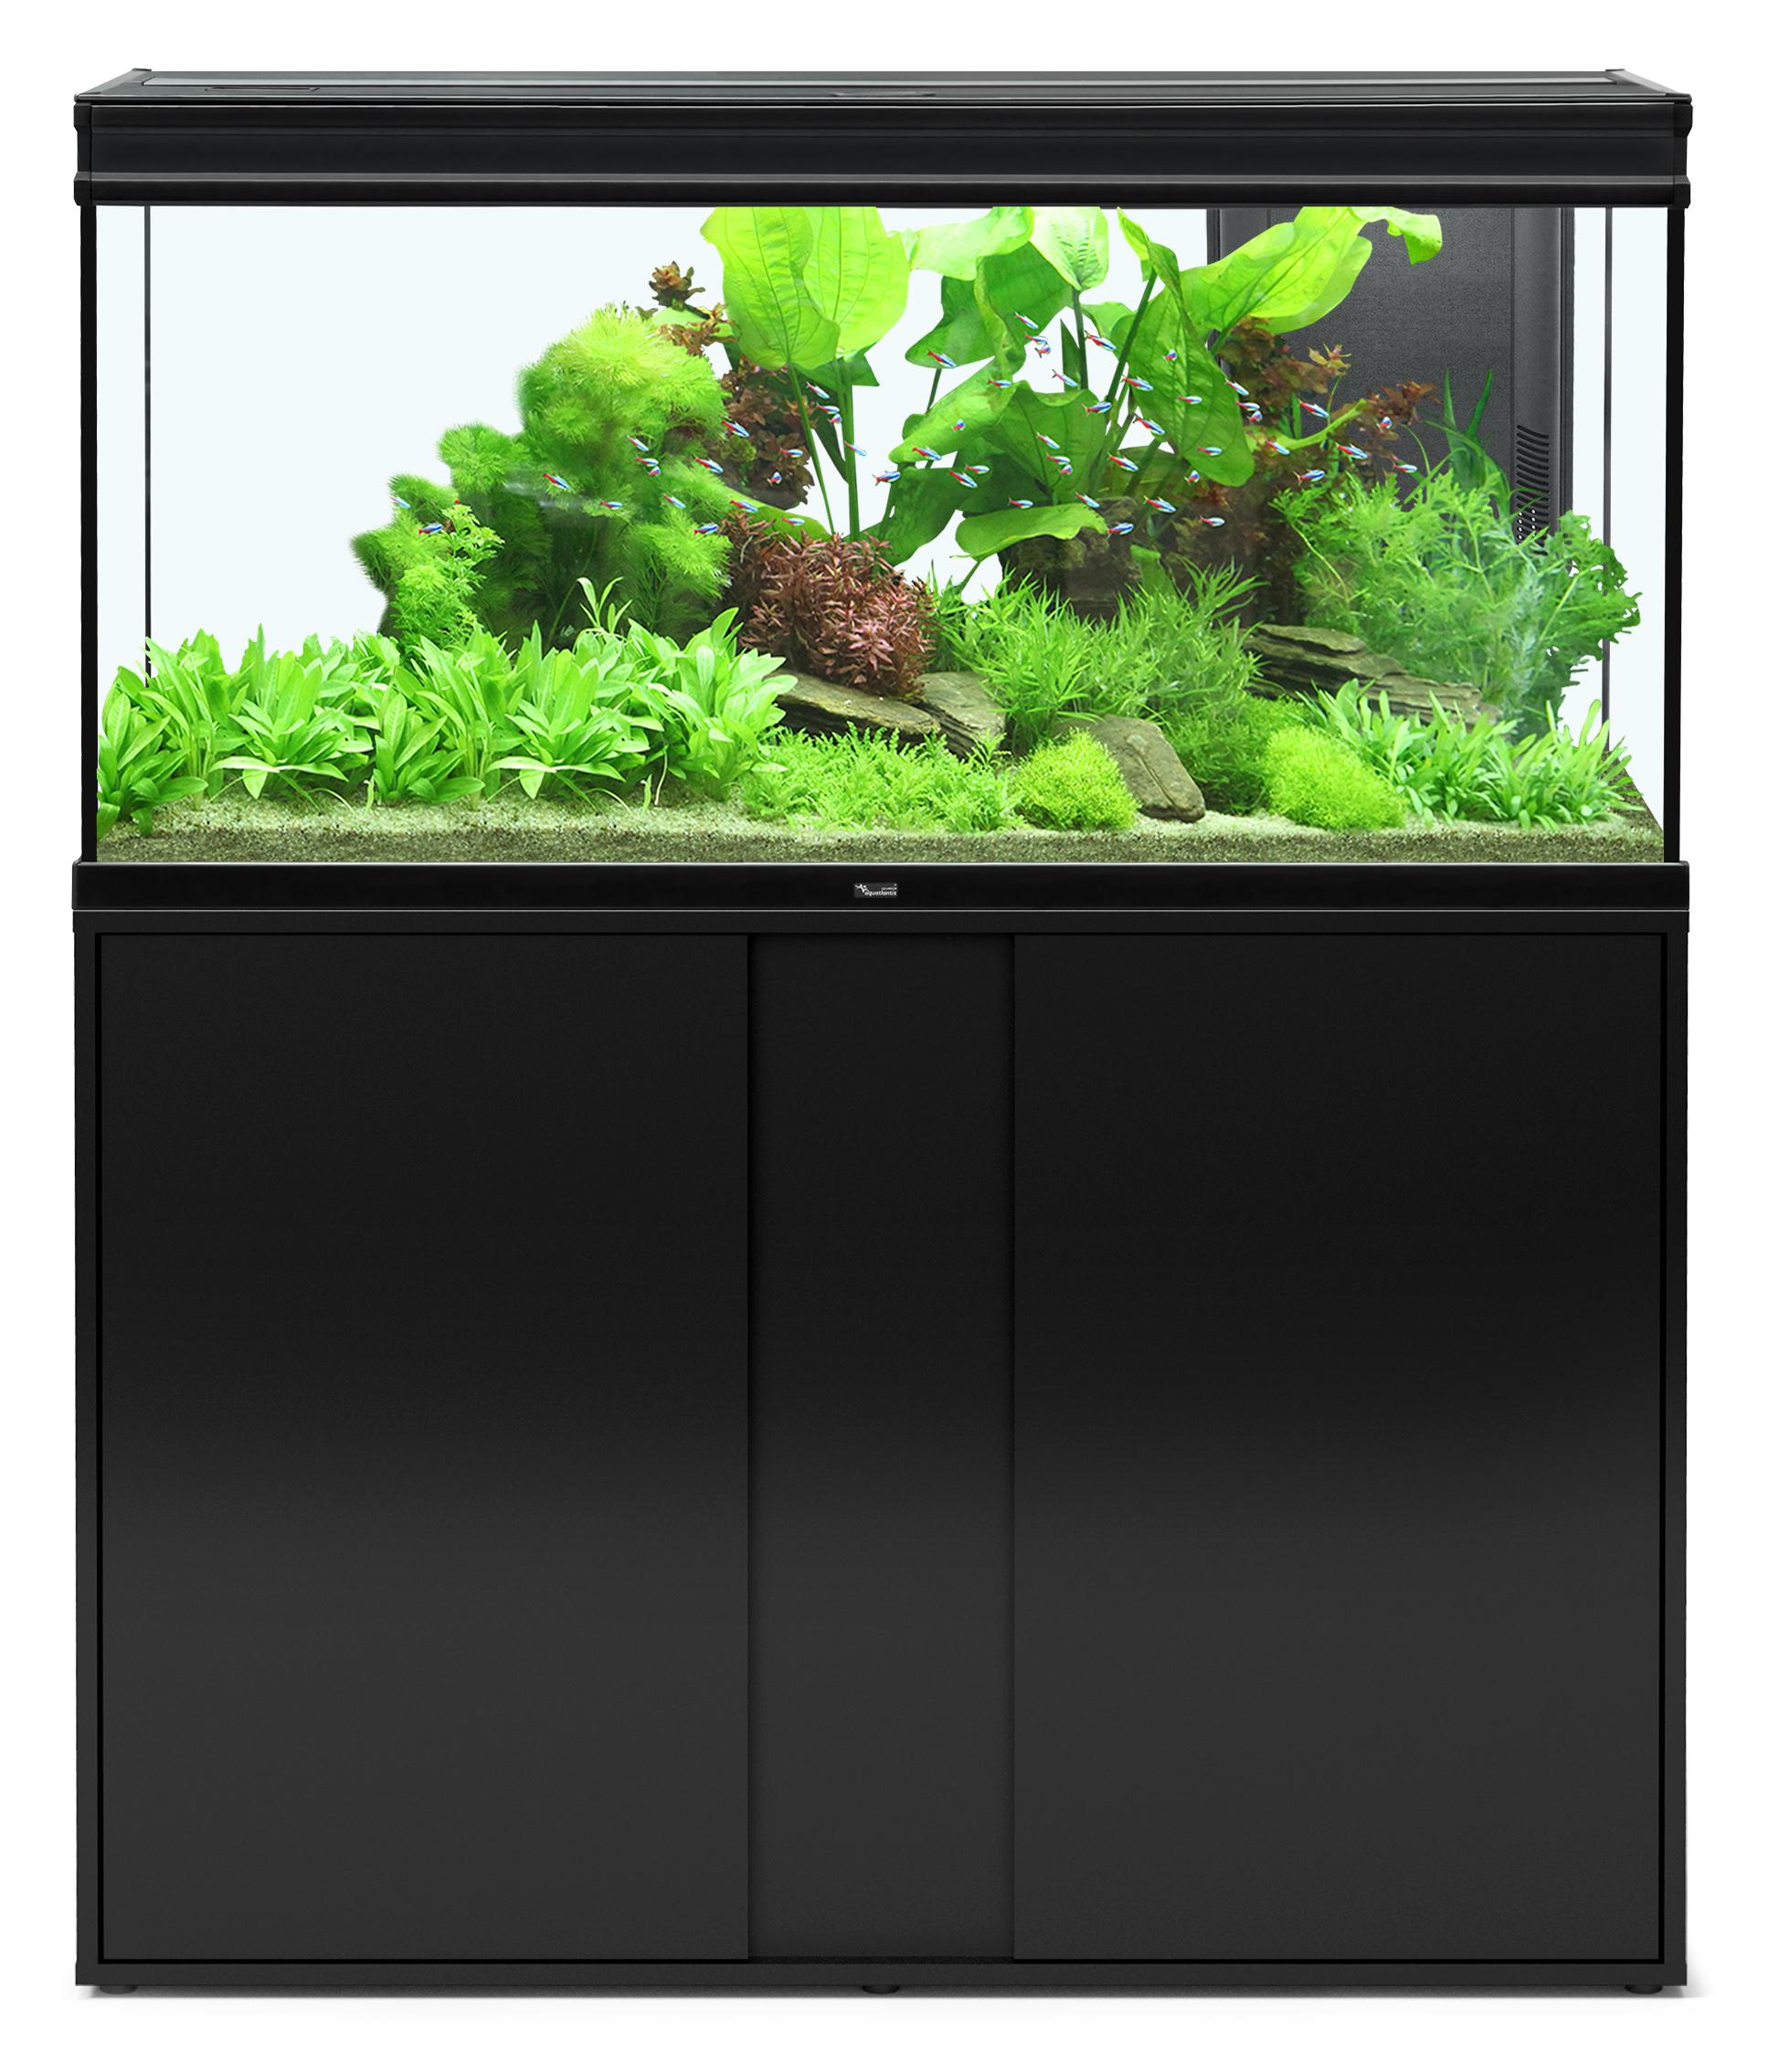 Aquatlantis ELEGANCE EXPERT 120 tout équipé Aquarium + Meuble; Couleur - Noir